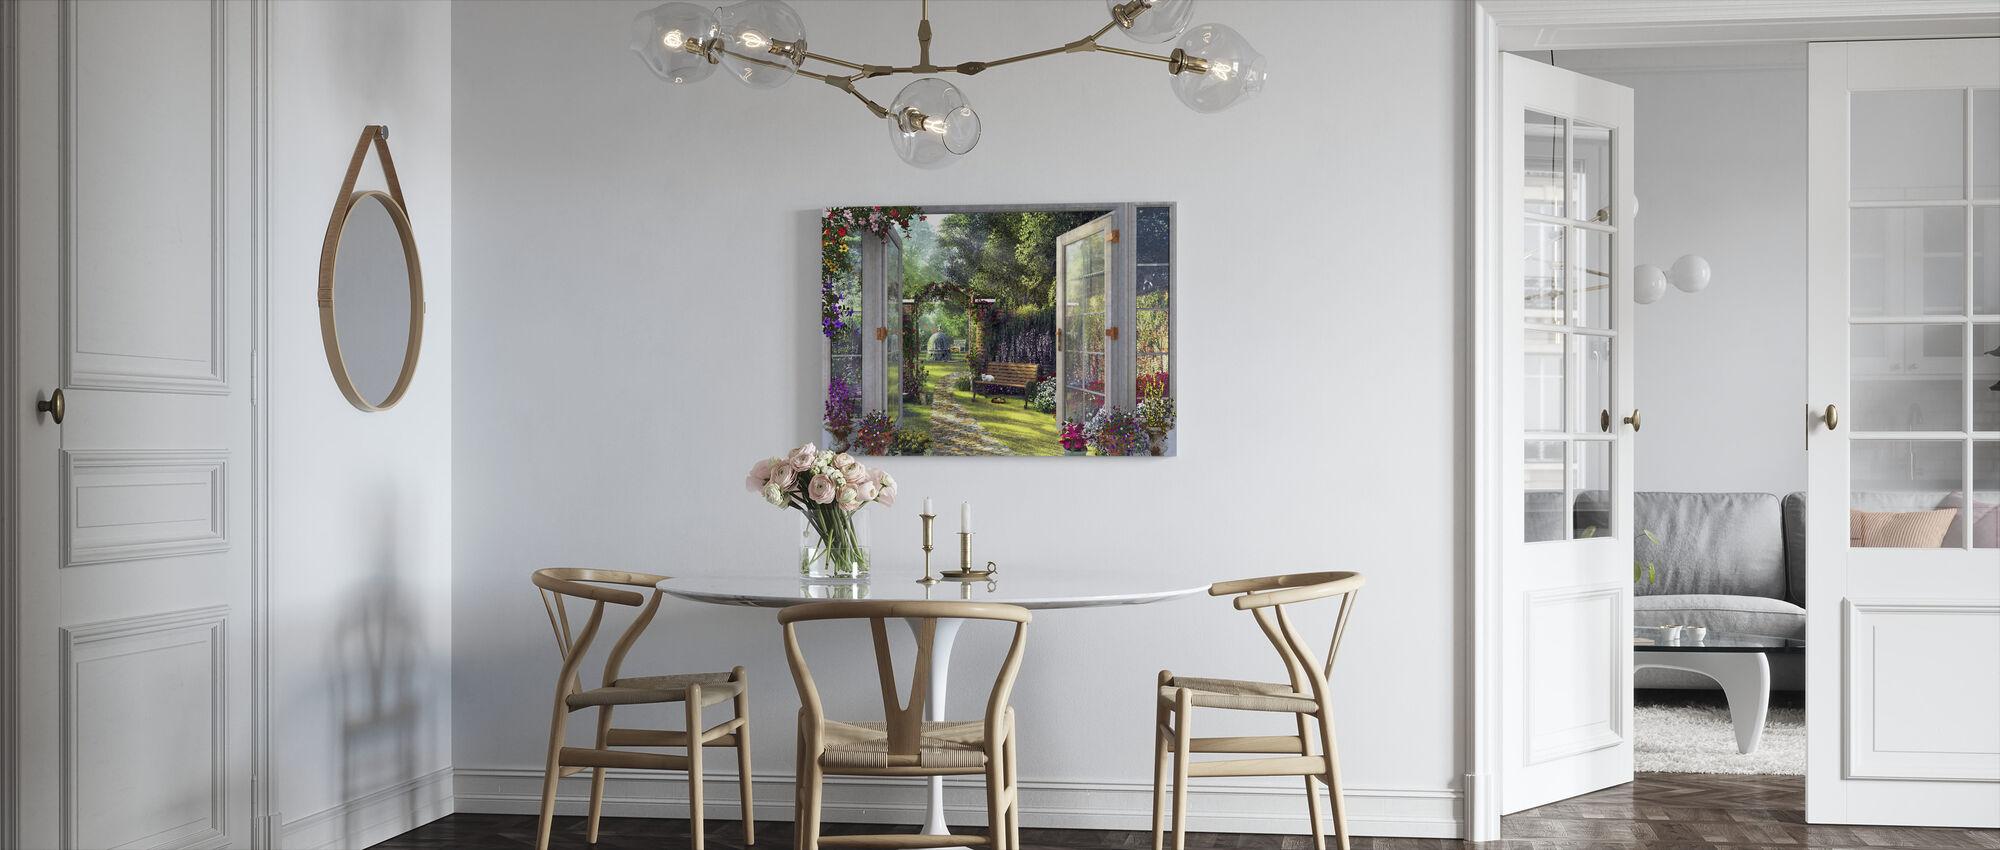 Uitzicht op de tuin - Canvas print - Keuken